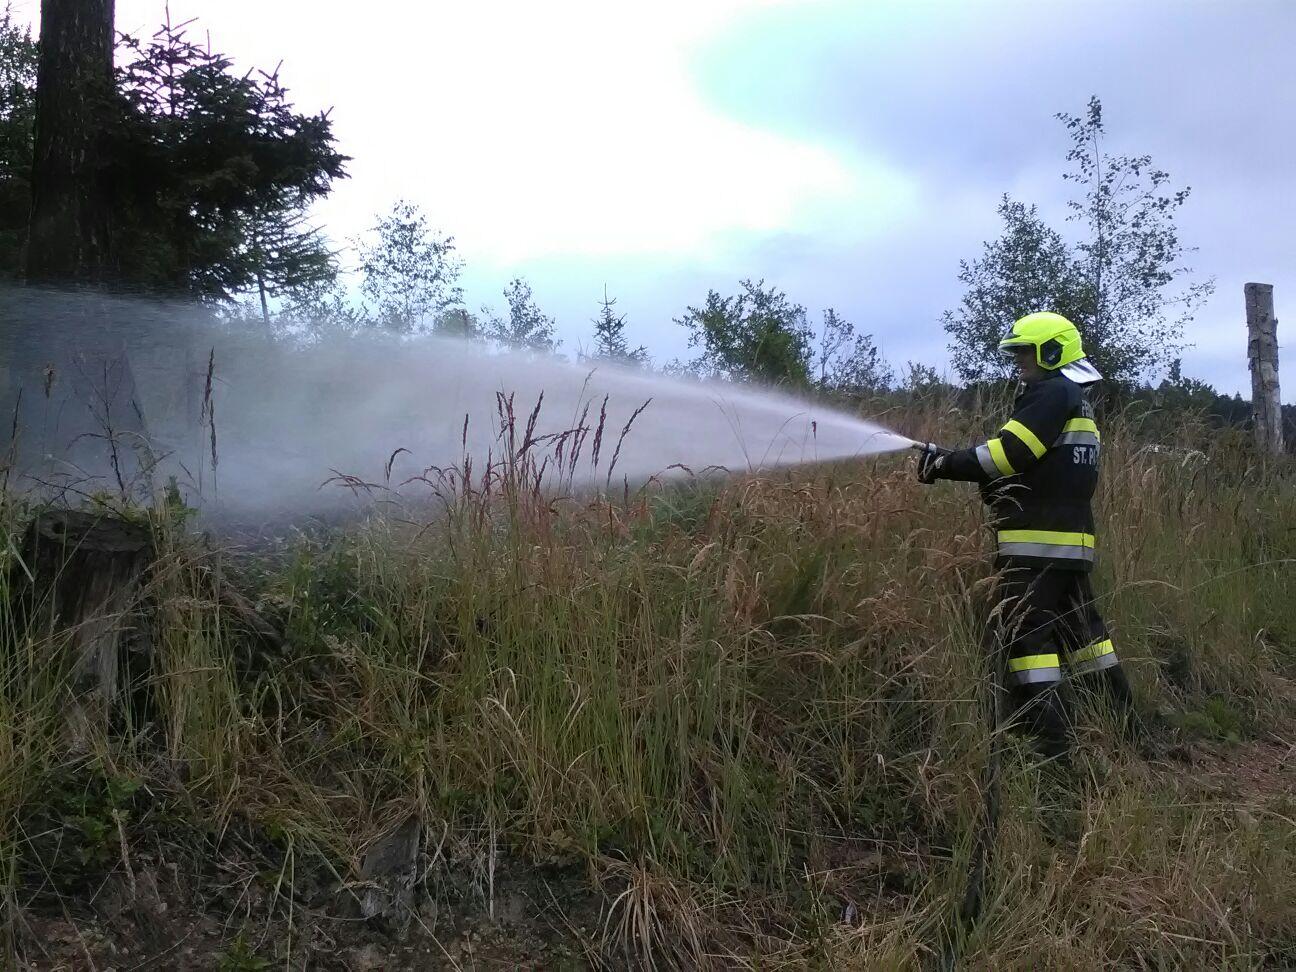 Feuerwehr Stiwoll Einsatzdetails